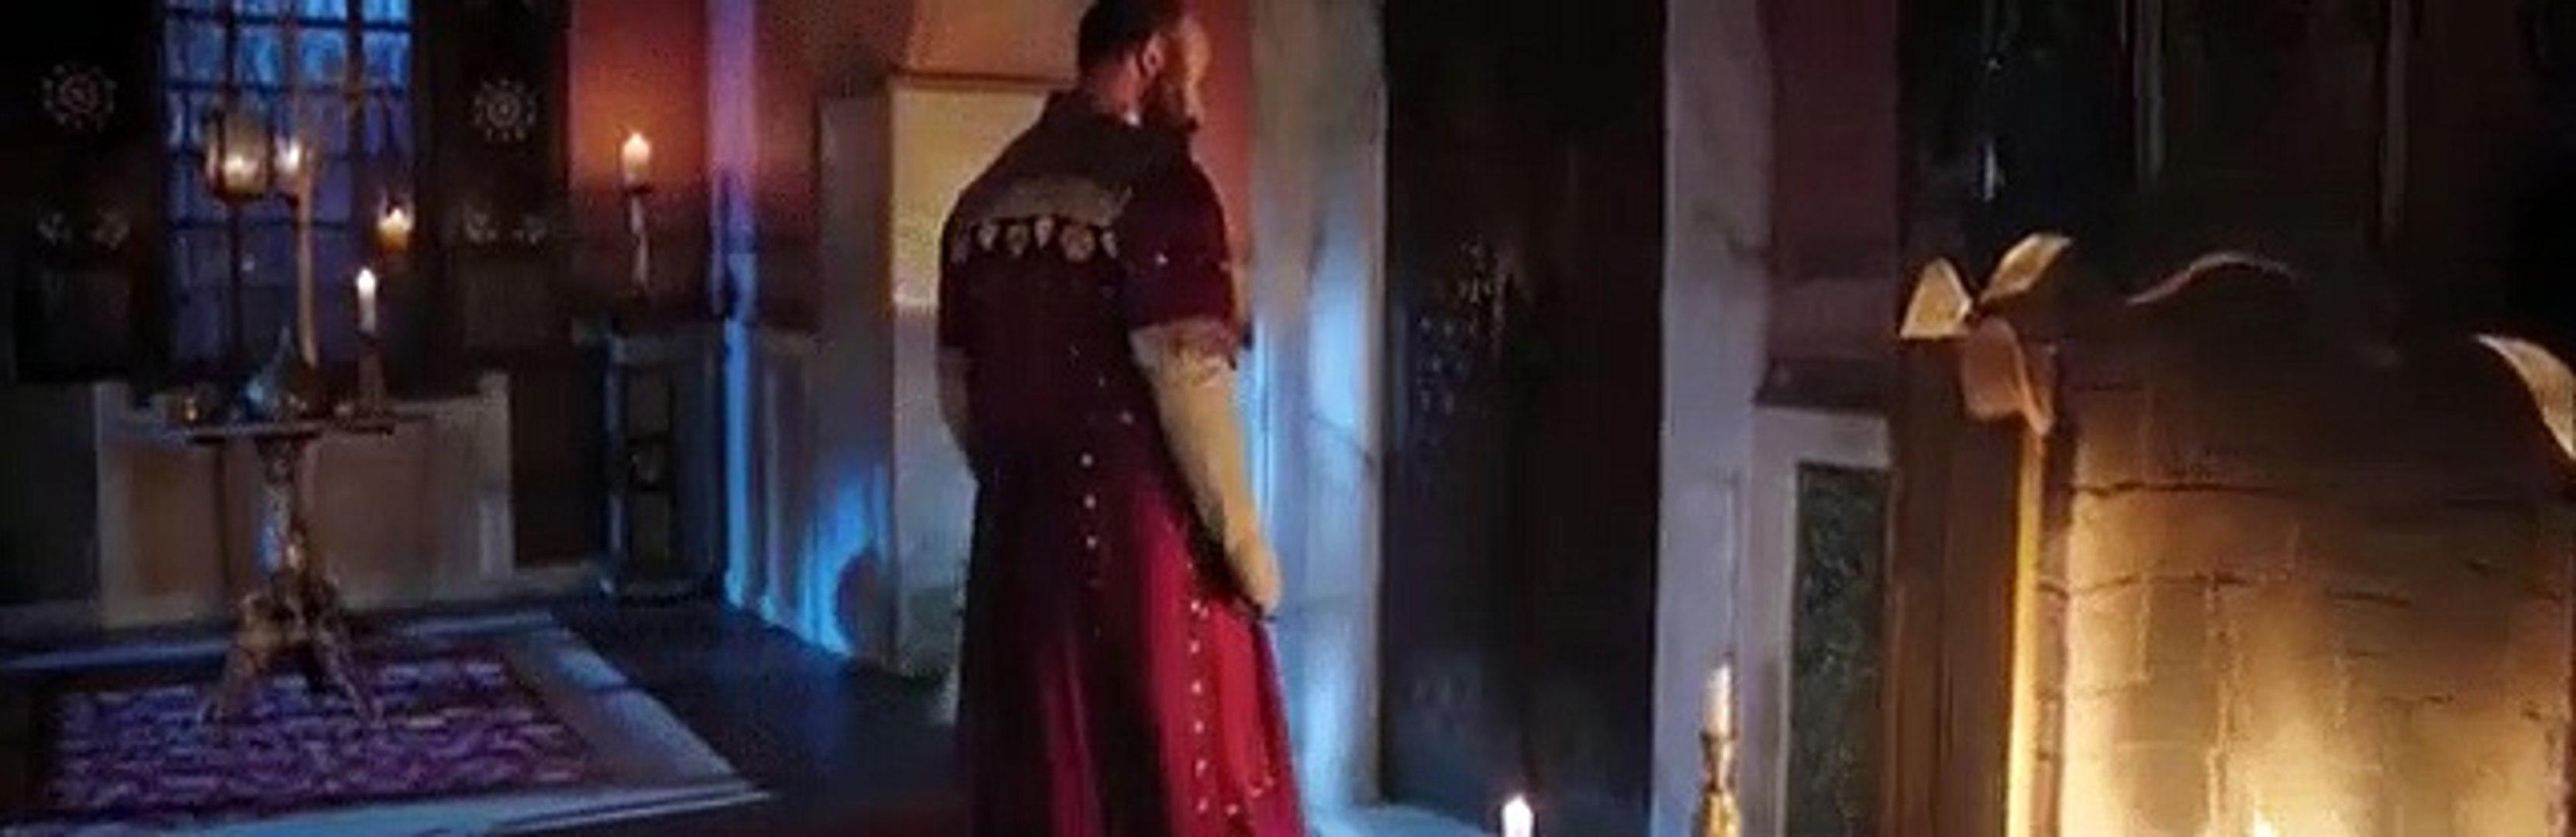 Suleiman El Gran Sultan Capitulo 175 Completo Suleiman El Gran Sultan Capitulo 175 Completo Vídeo Dailymotion